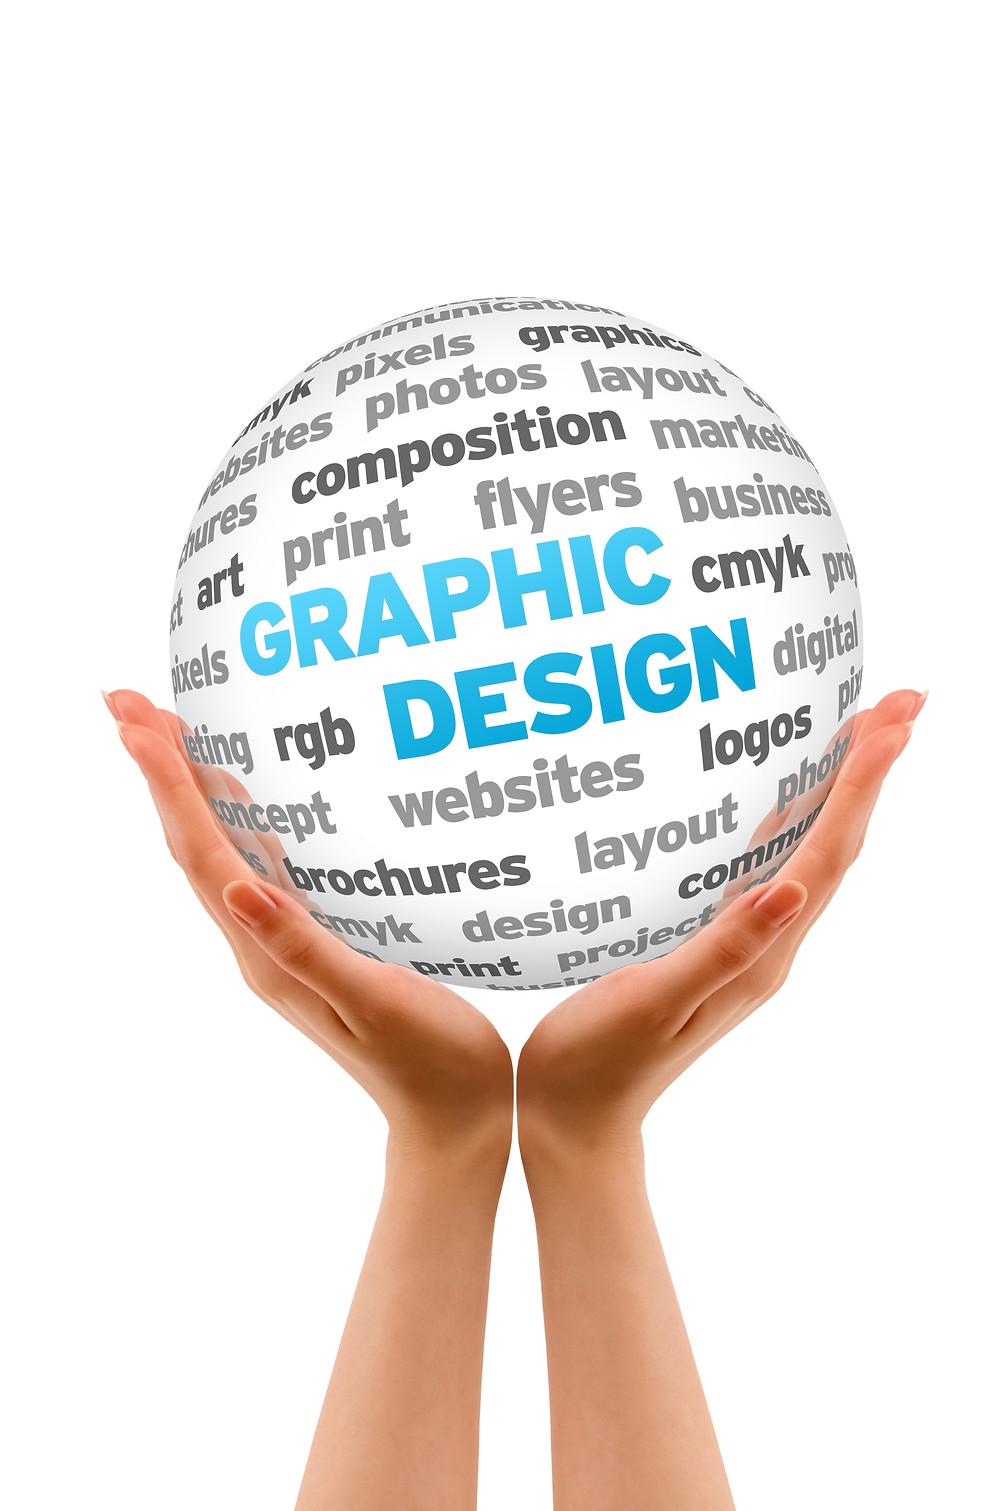 Stettler graphic design